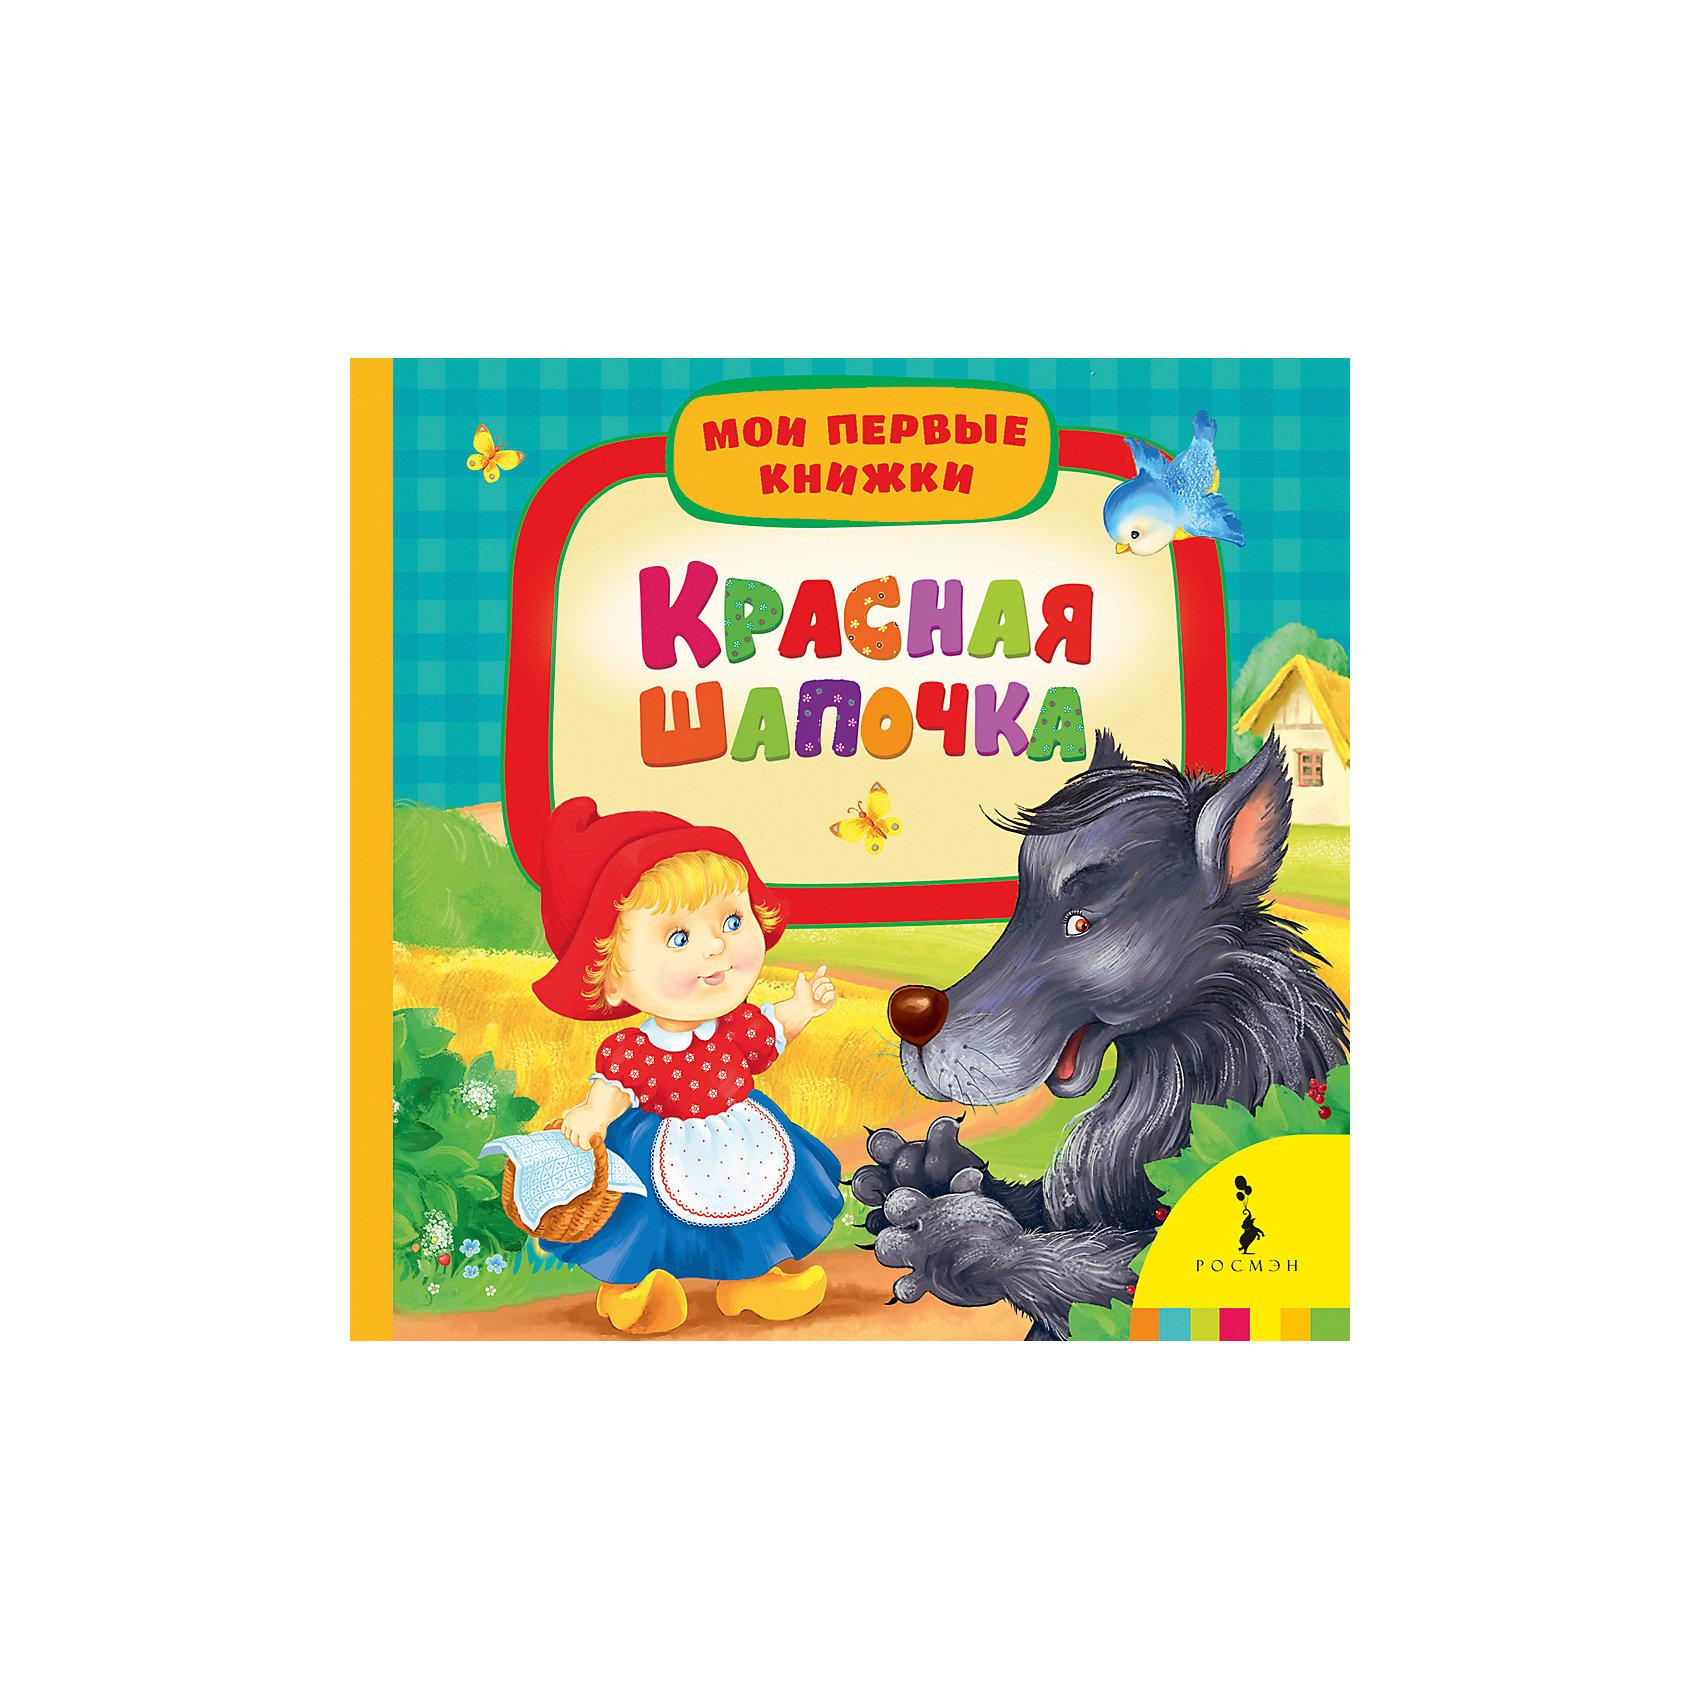 Красная шапочка (Мои первые книжкиХарактеристики товара:<br><br>- цвет: разноцветный;<br>- материал: бумага;<br>- страниц: 14;<br>- формат: 17 х 17 см;<br>- обложка: картон;<br>- для чтения детям. <br><br>Издания серии Мои первые книжки - отличный способ занять ребенка! Эта красочная книга станет отличным подарком для родителей и малыша. Она содержит в себе сказки, стихи, загадки, песенки и потешки, которые так любят дети. Отличный способ привить малышу любовь к чтению!<br>Чтение и рассматривание картинок даже в юном возрасте помогает ребенку развивать память, концентрацию внимания и воображение. Издание произведено из качественных материалов, которые безопасны даже для самых маленьких.<br><br>Издание Красная шапочка (Мои первые книжки) от компании Росмэн можно купить в нашем интернет-магазине.<br><br>Ширина мм: 165<br>Глубина мм: 165<br>Высота мм: 18<br>Вес г: 305<br>Возраст от месяцев: 0<br>Возраст до месяцев: 36<br>Пол: Унисекс<br>Возраст: Детский<br>SKU: 5110083